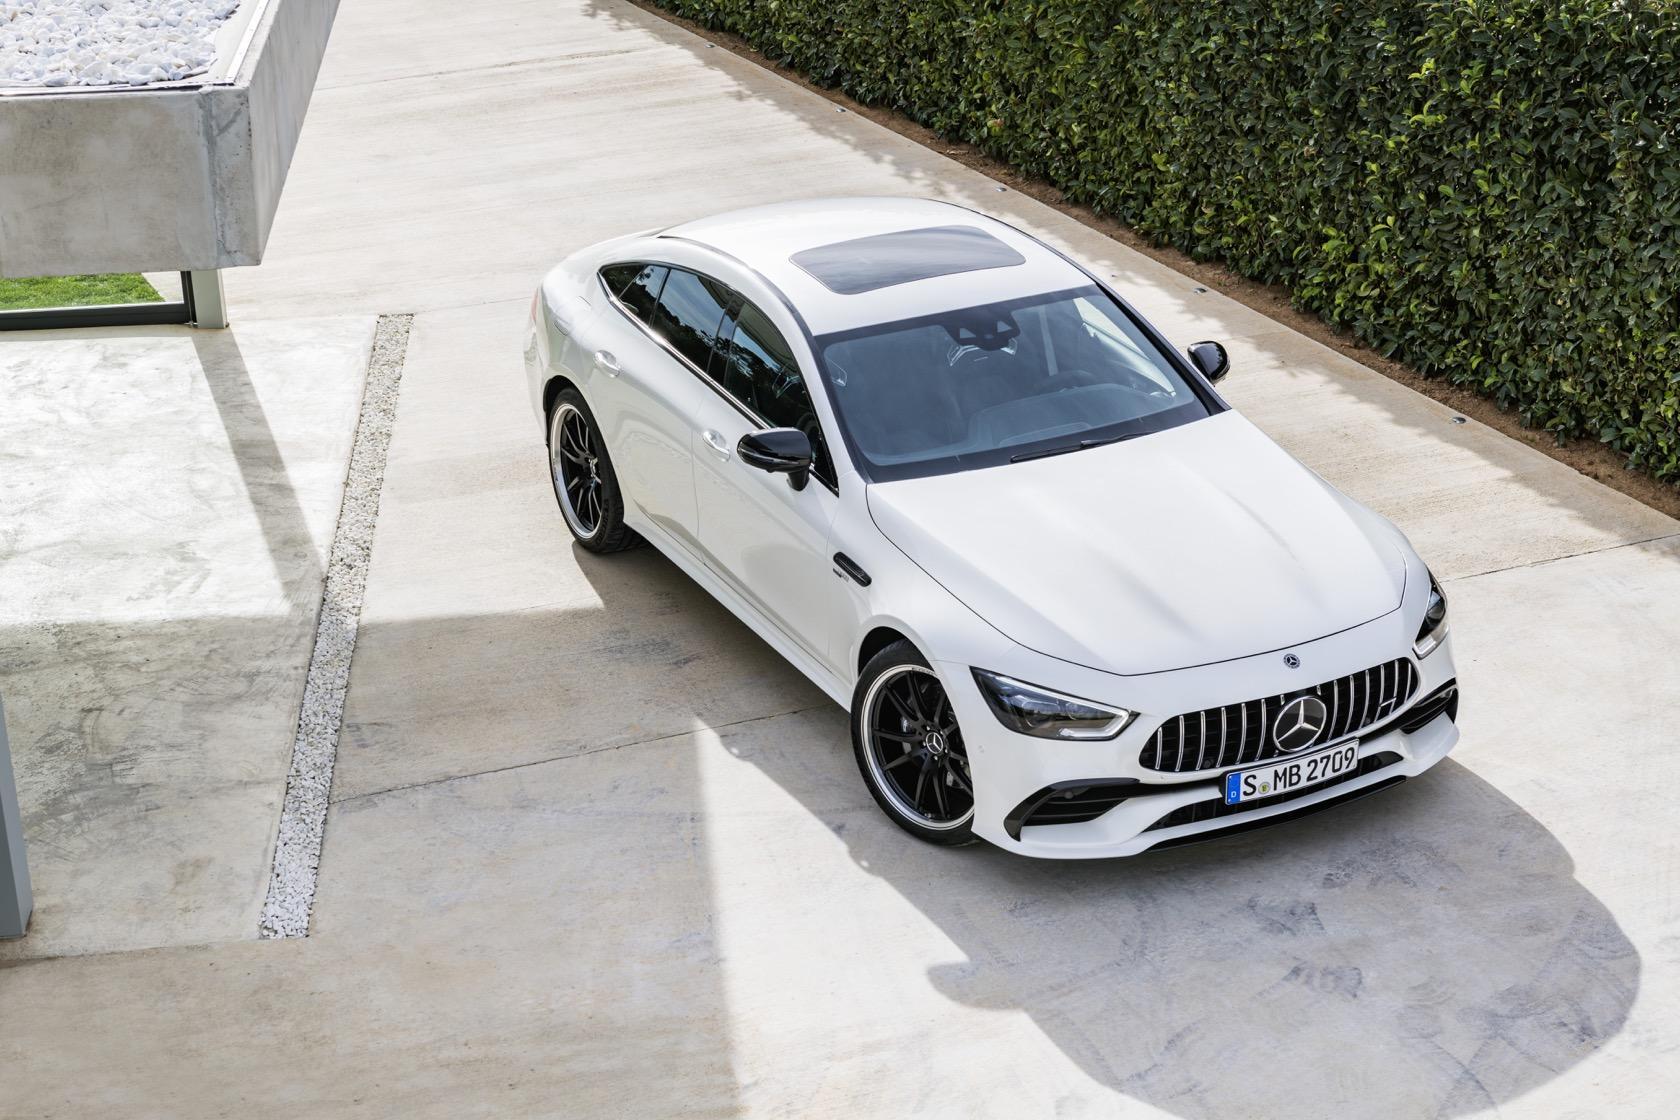 2019 Mercedes Amg Gt 4 Door Coupe Is Porsches 630hp Nightmare